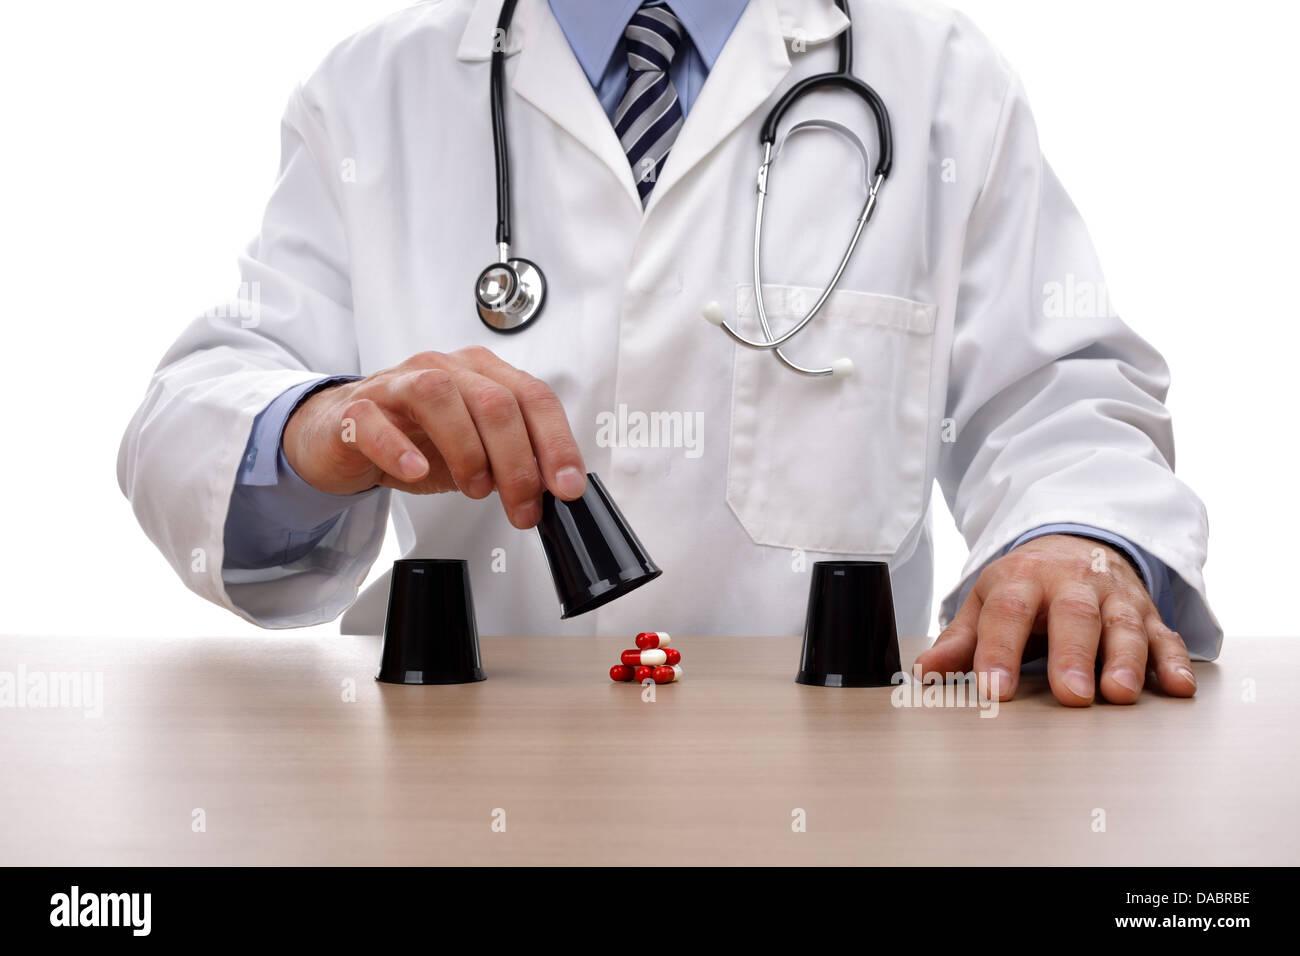 Glücksspiel mit medizinischer Versorgung Stockbild